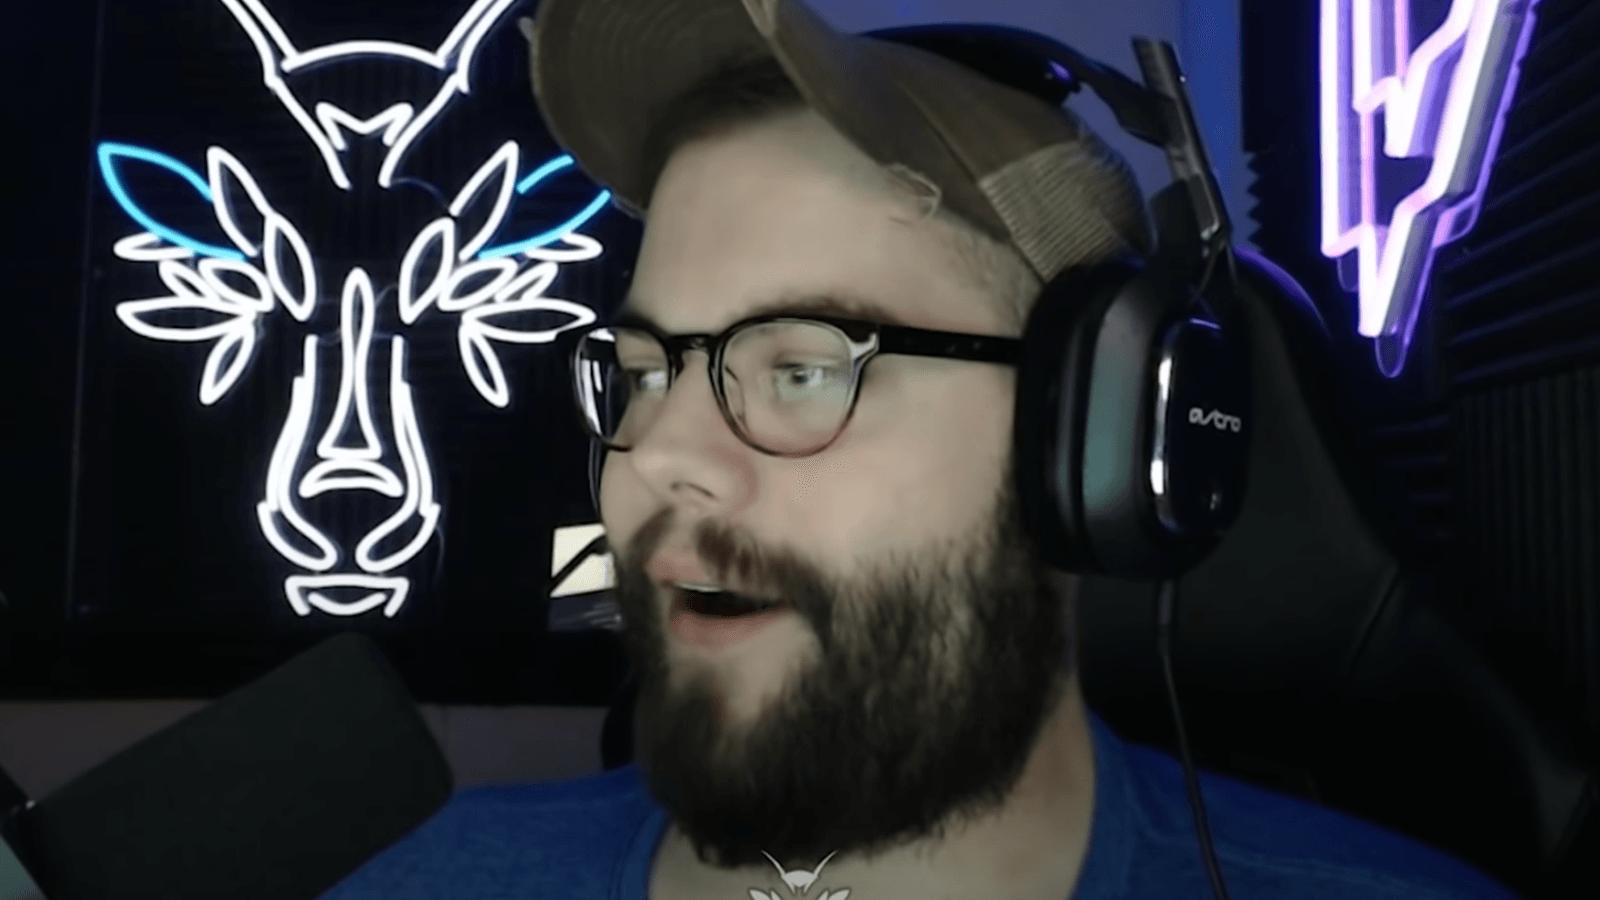 Dakotaz Twitch Streamer